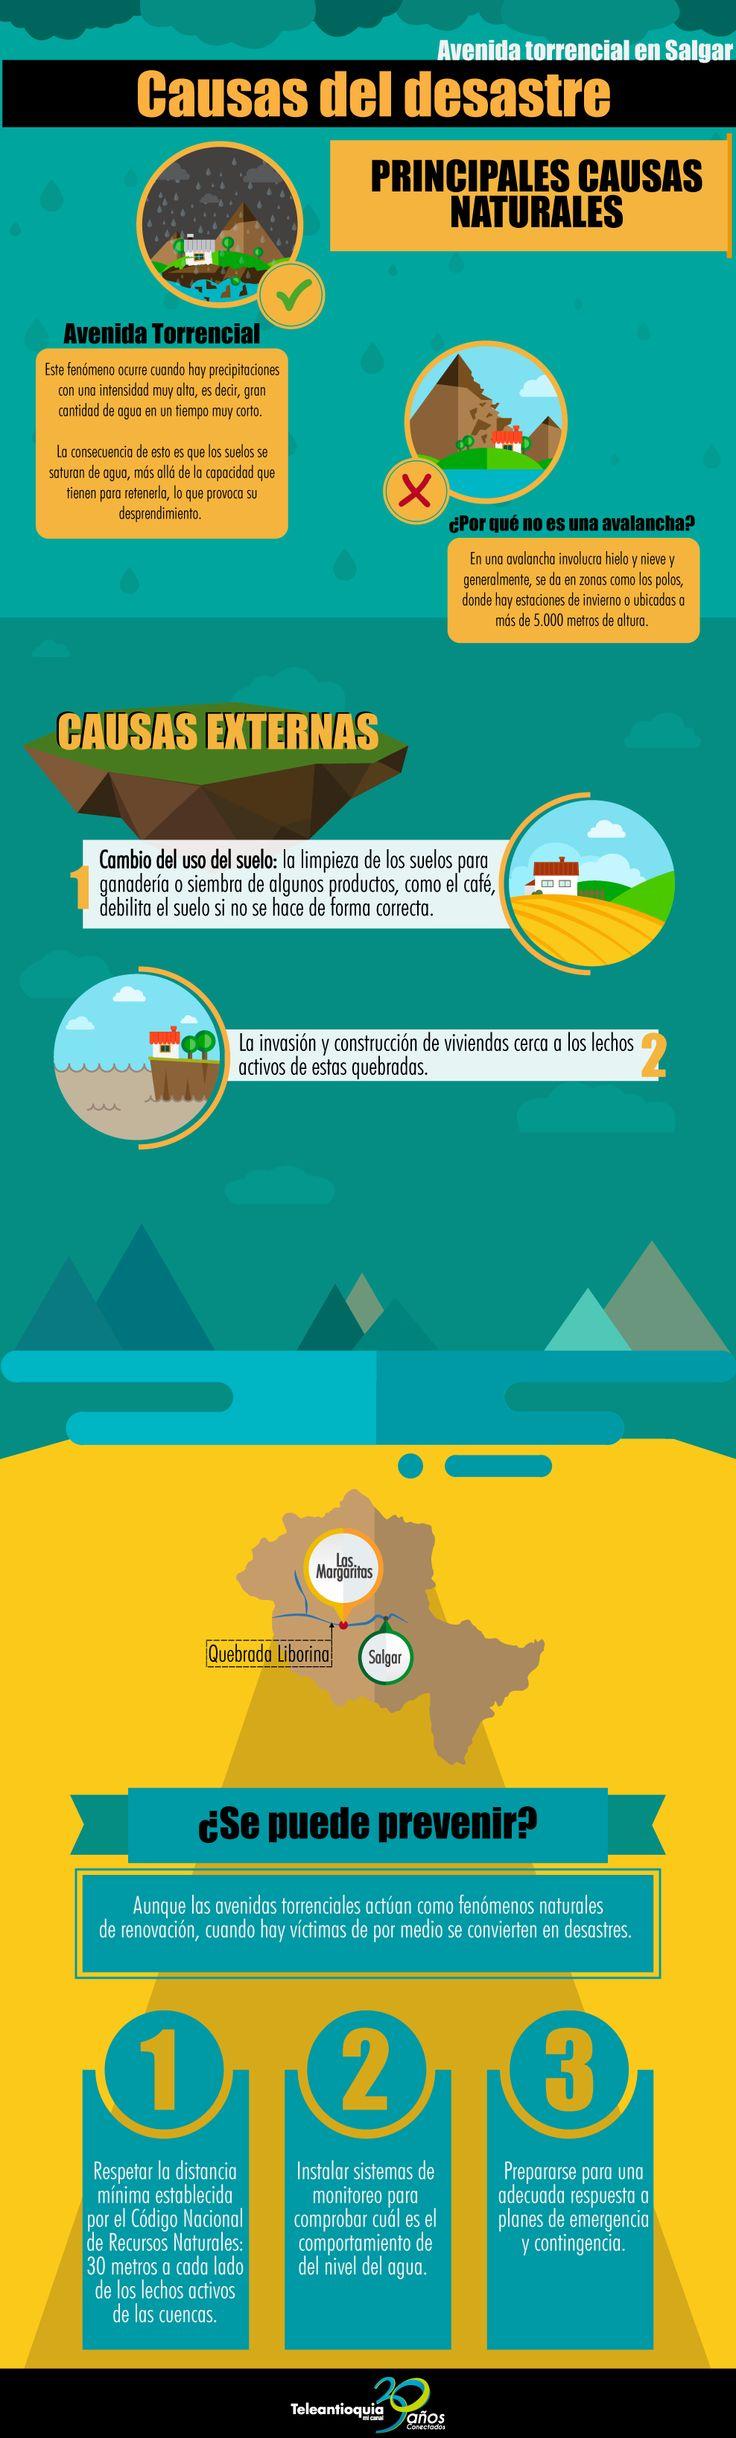 Infográfia Desastre Salgar - Antioquia